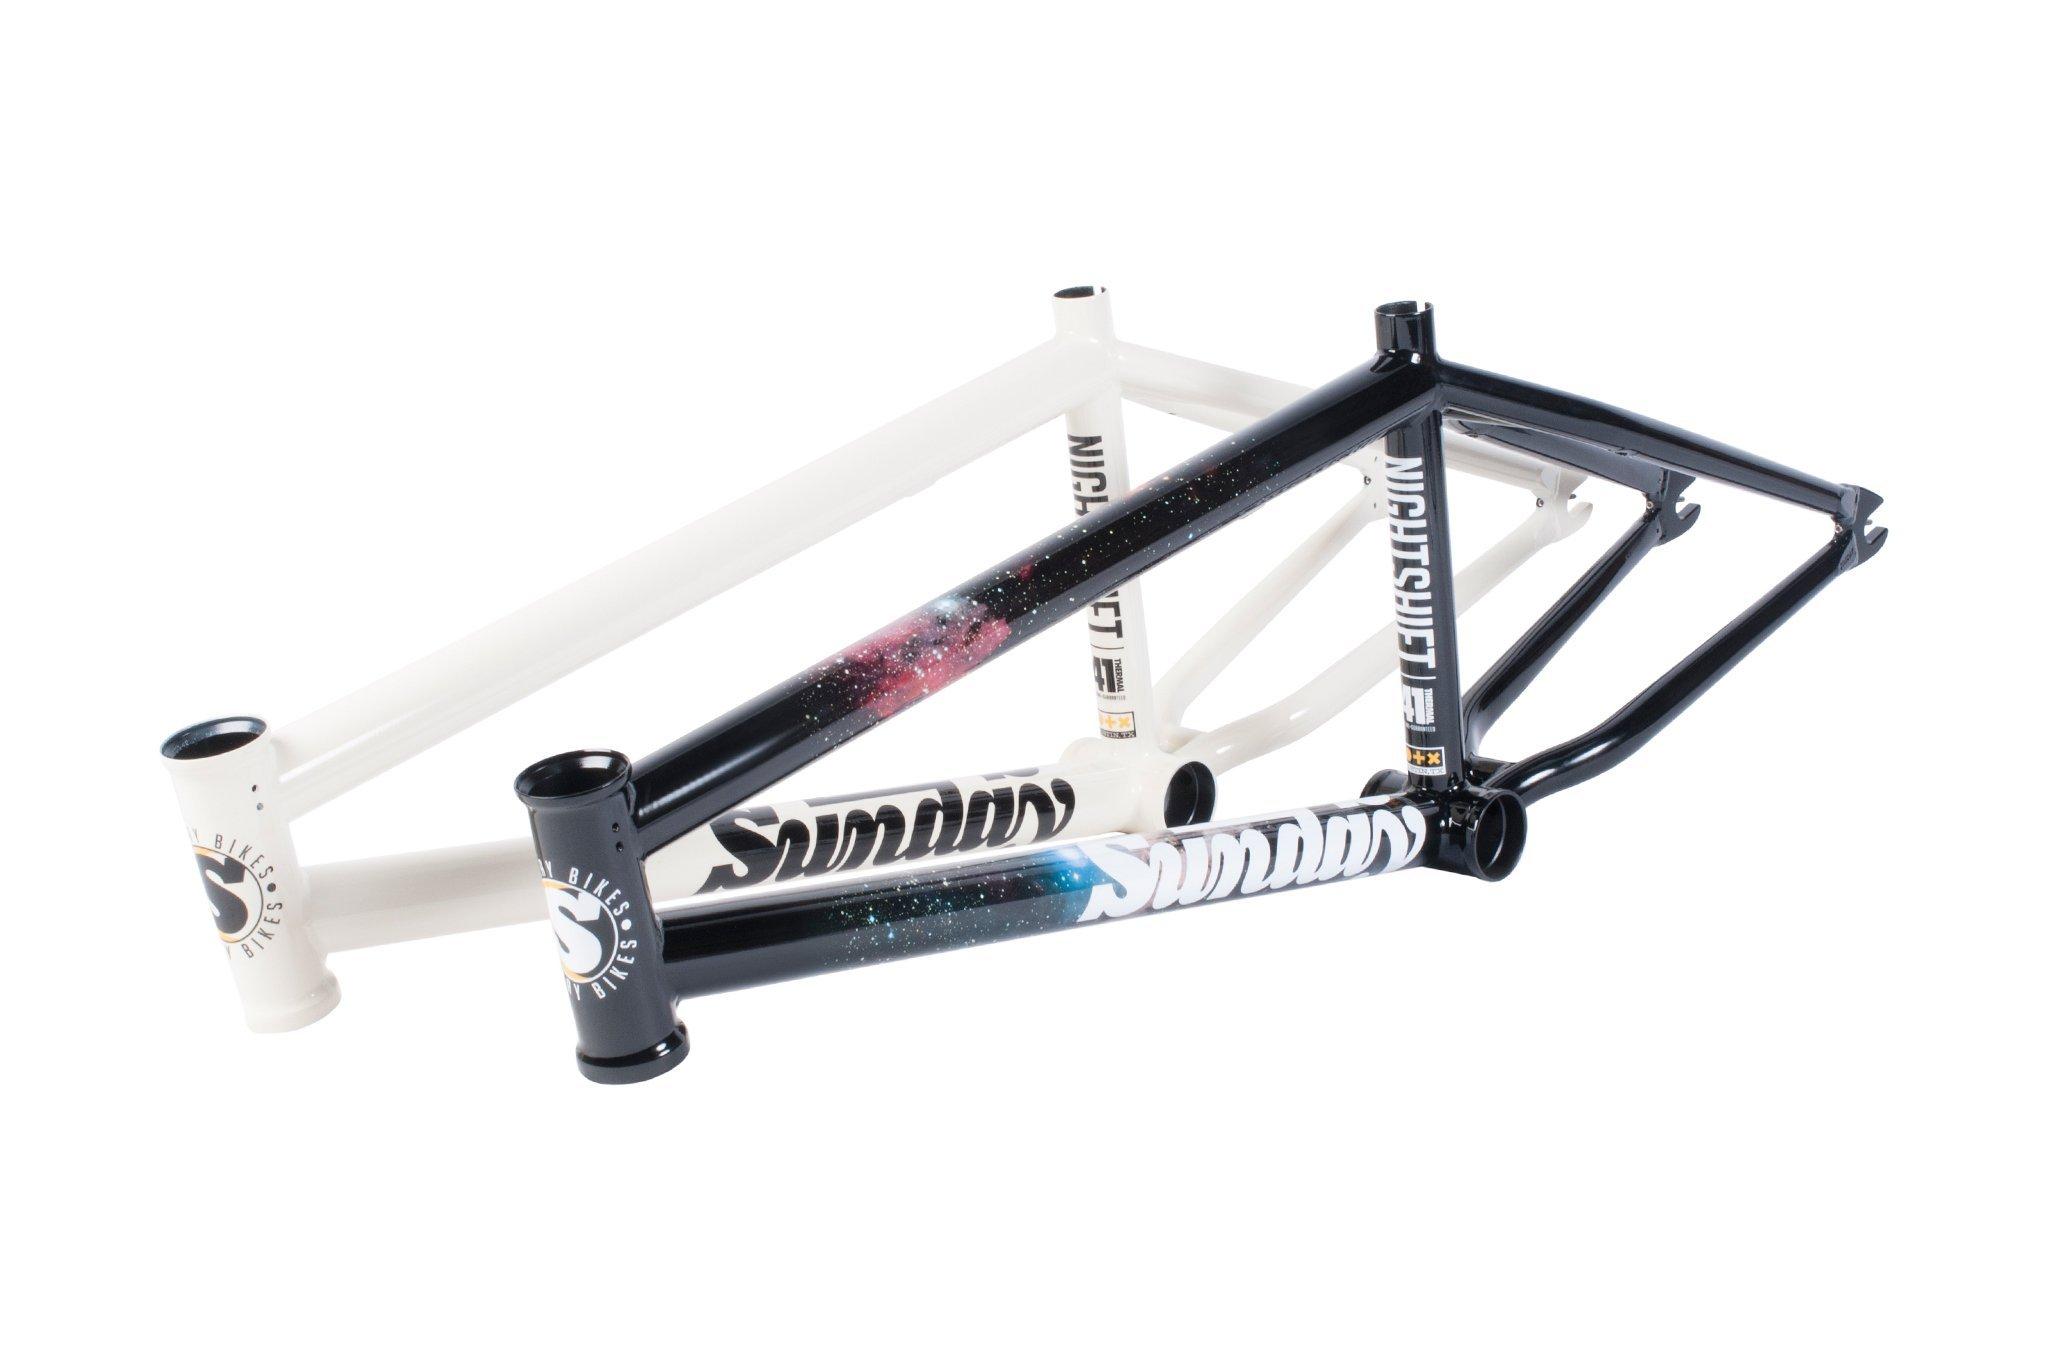 """Sunday Bikes Nighshift Frame in Gloss Sky View oder Gloss Classis White; Oberrohrlänge: 20,5'', 20,75'', 21'' und 21,25'' Steuerkopfwinkel: 75,25° Sattelrohrwinkel: 71° Kettenstrebenlänge: 13–13,25"""" Tretlagerhöhe: 11,625"""" Standover: 9"""" Steuerrohrlänge: 5"""" Gewicht: 2,27 kg passend für Reifen mit 2,4'' Breite"""